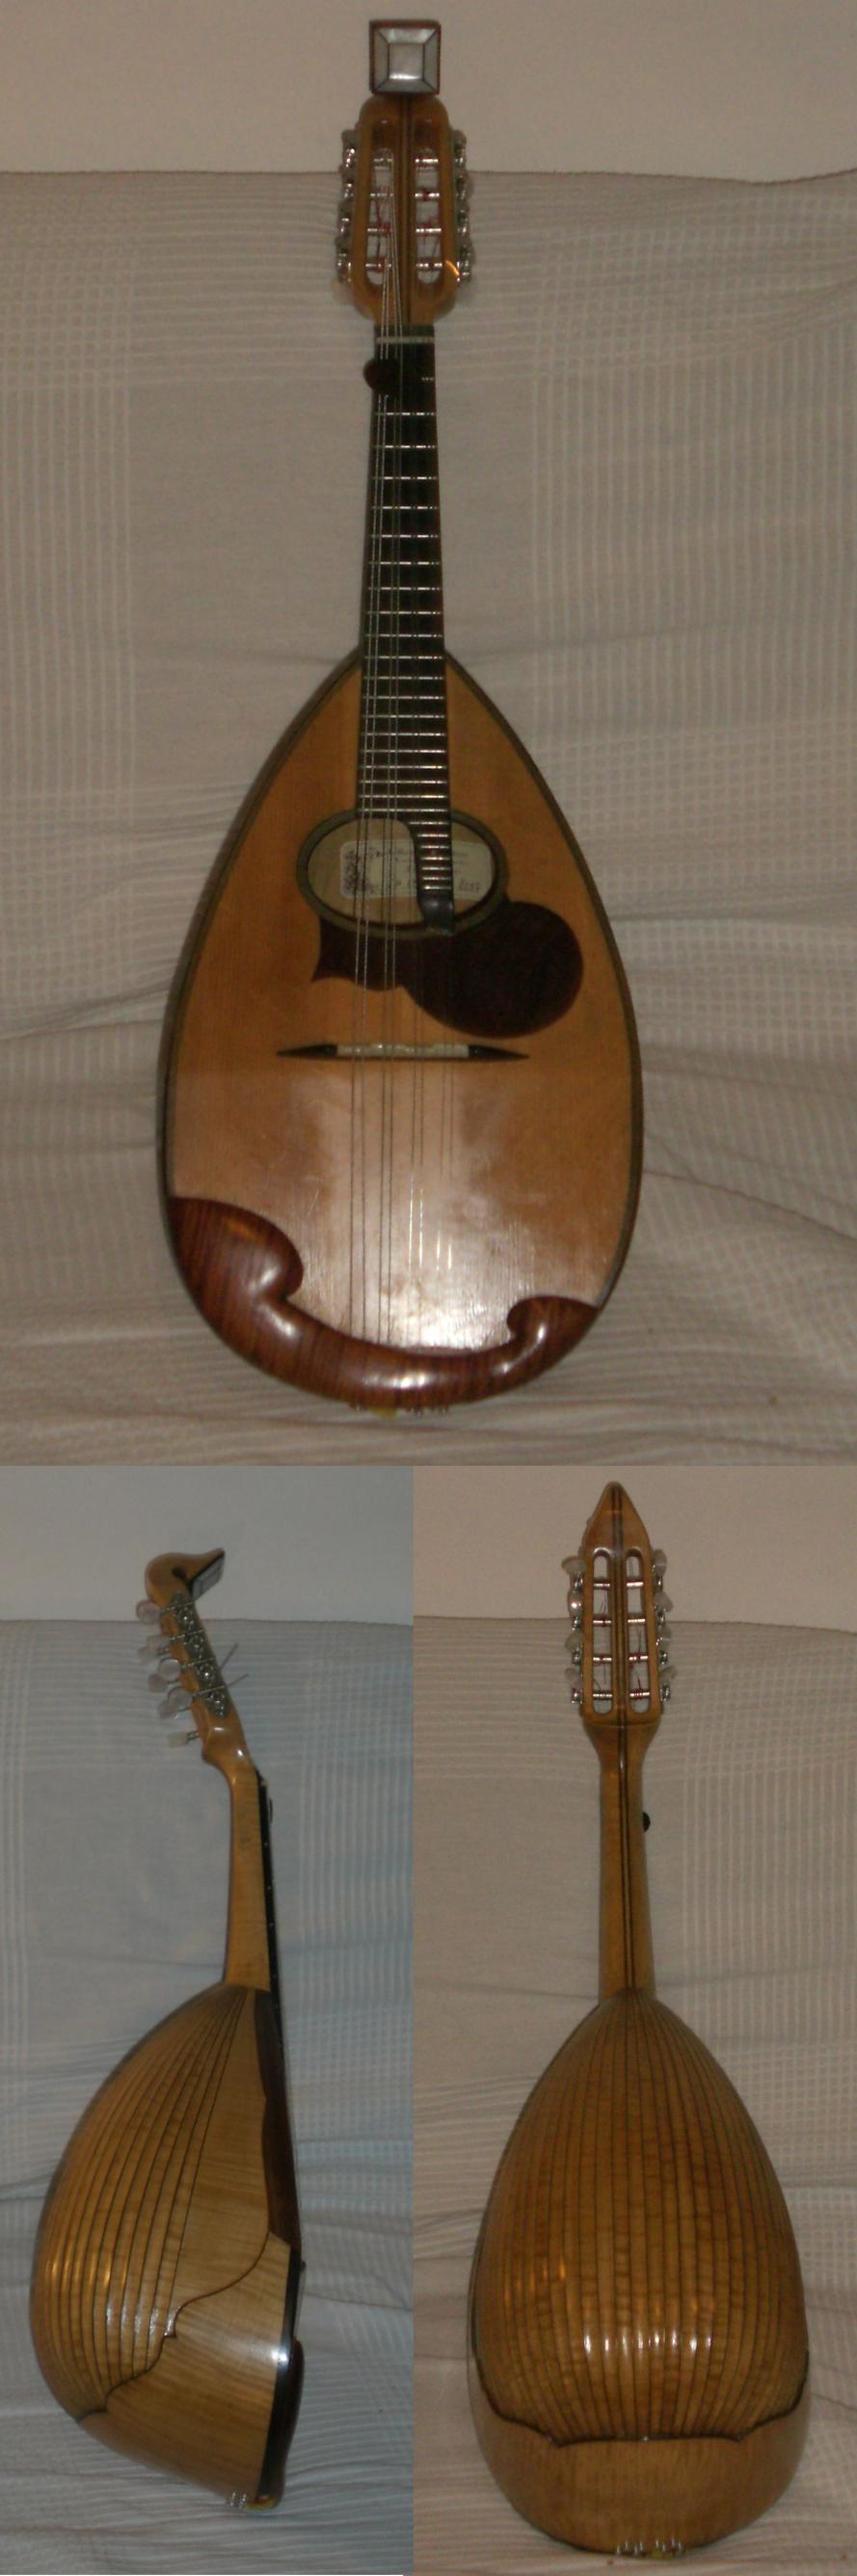 Mandolino napoletano Gabriele Pandini (Ferrara, 2007), tavola in abete, doghe in acero scannellato.